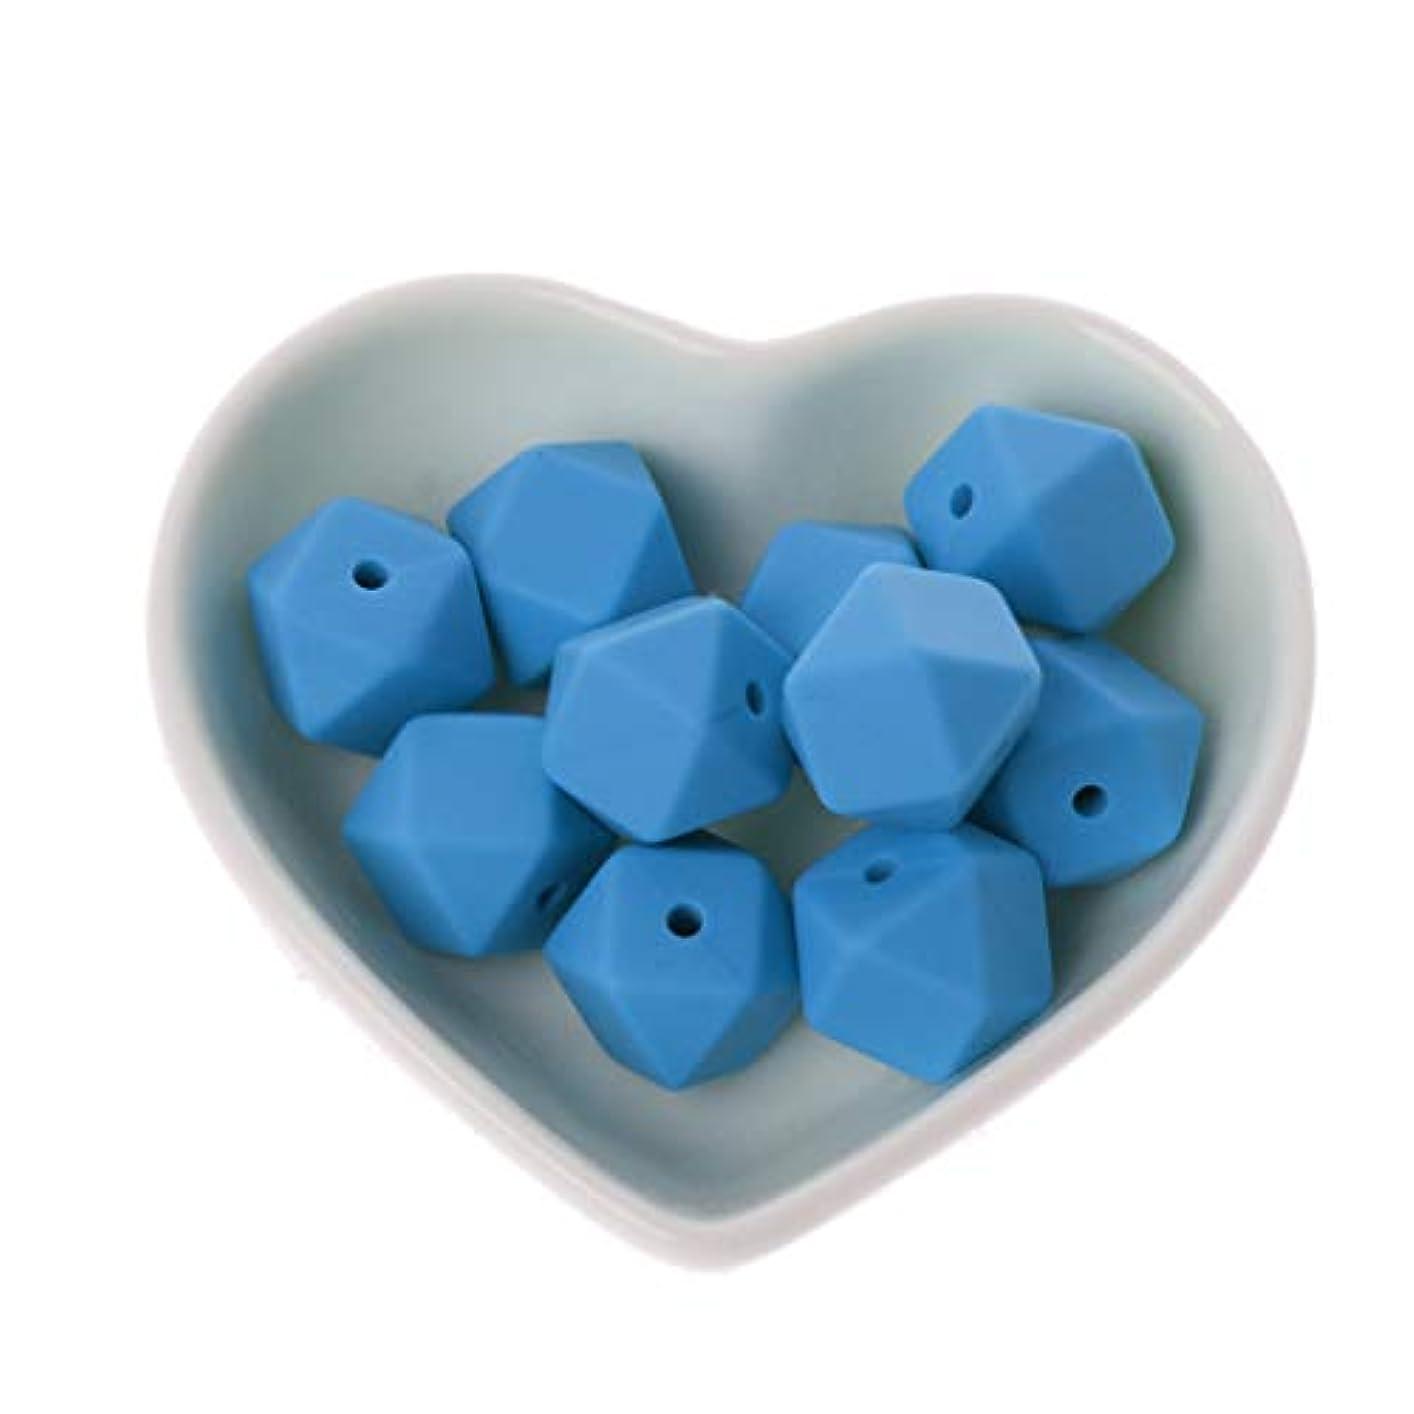 ラインオーブン渦Landdum 10個シリコーンビーズ14ミリメートル多角形シリコーンビーズ赤ちゃんのおもちゃdiyおしゃぶりチェーンアクセサリー - ベイビーブルー